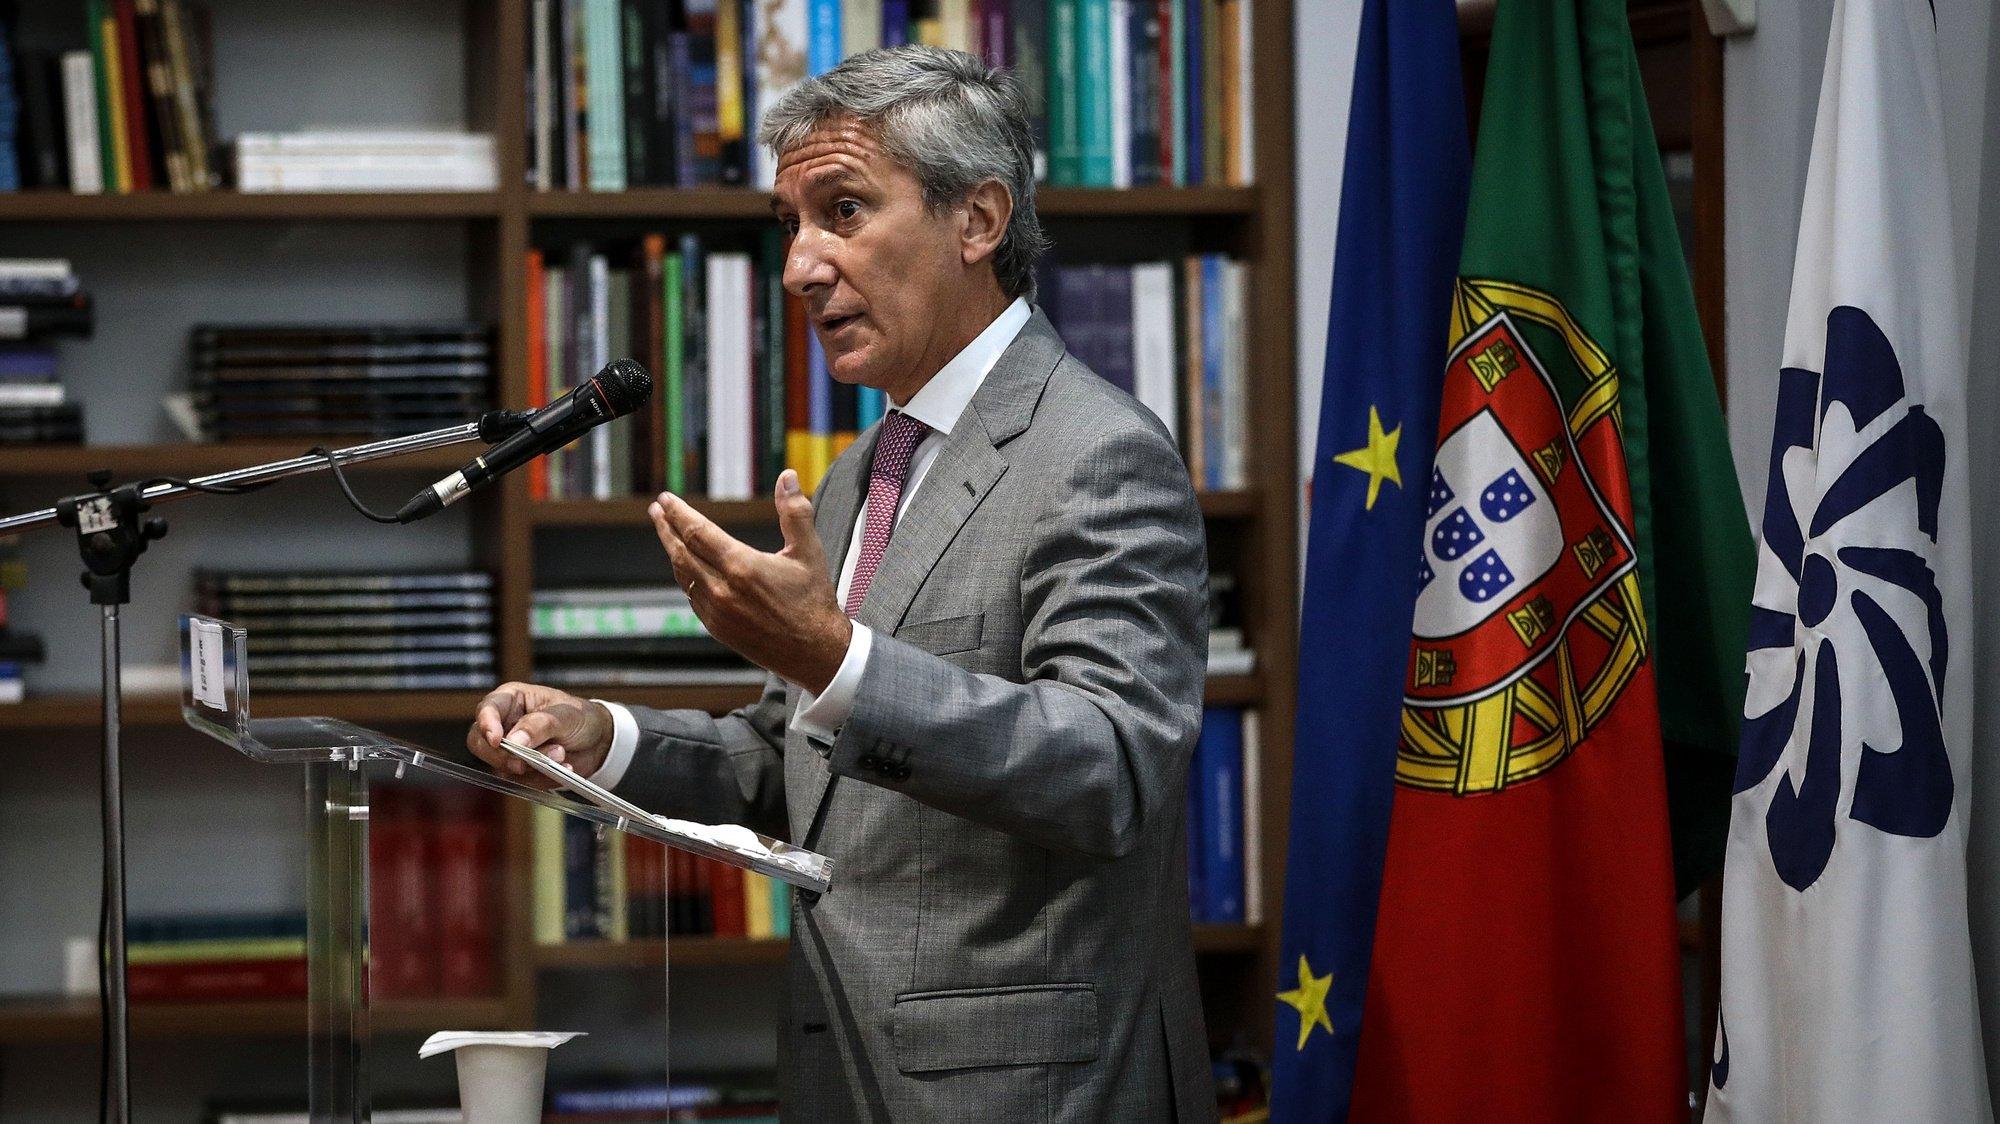 O presidente do Camões - Instituto da Cooperação e da Língua, Luís Faro Ramos, intervém durante a sessão de apresentação Pública da Rede EPE (Ensino Português no Estrangeiro), organizada pelo Camões, em Lisboa, 25 de setembro de 2020. ANTÓNIO PEDRO SANTOS/LUSA